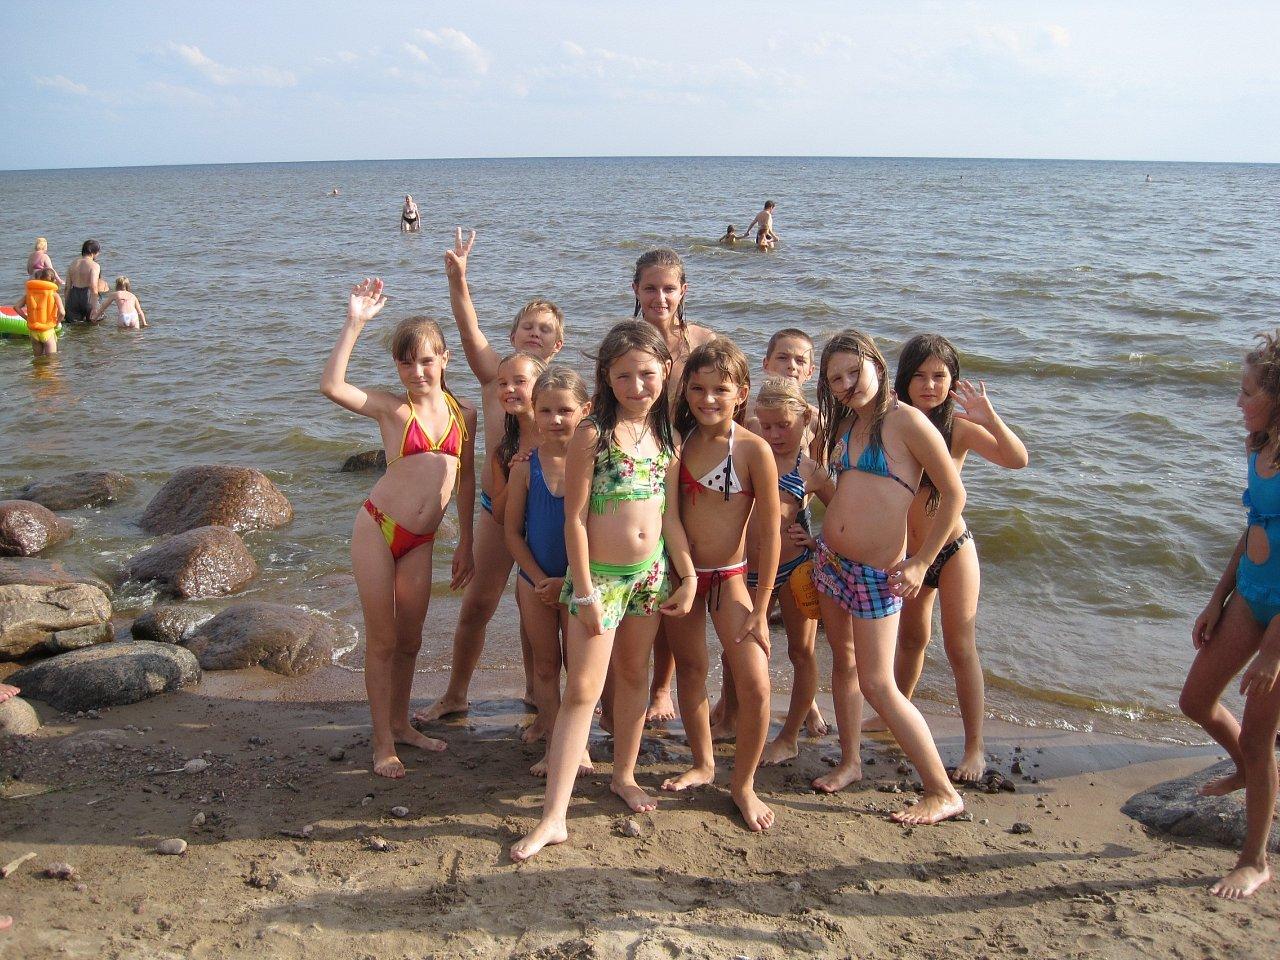 Все фото с детьми с нудиских пляжей